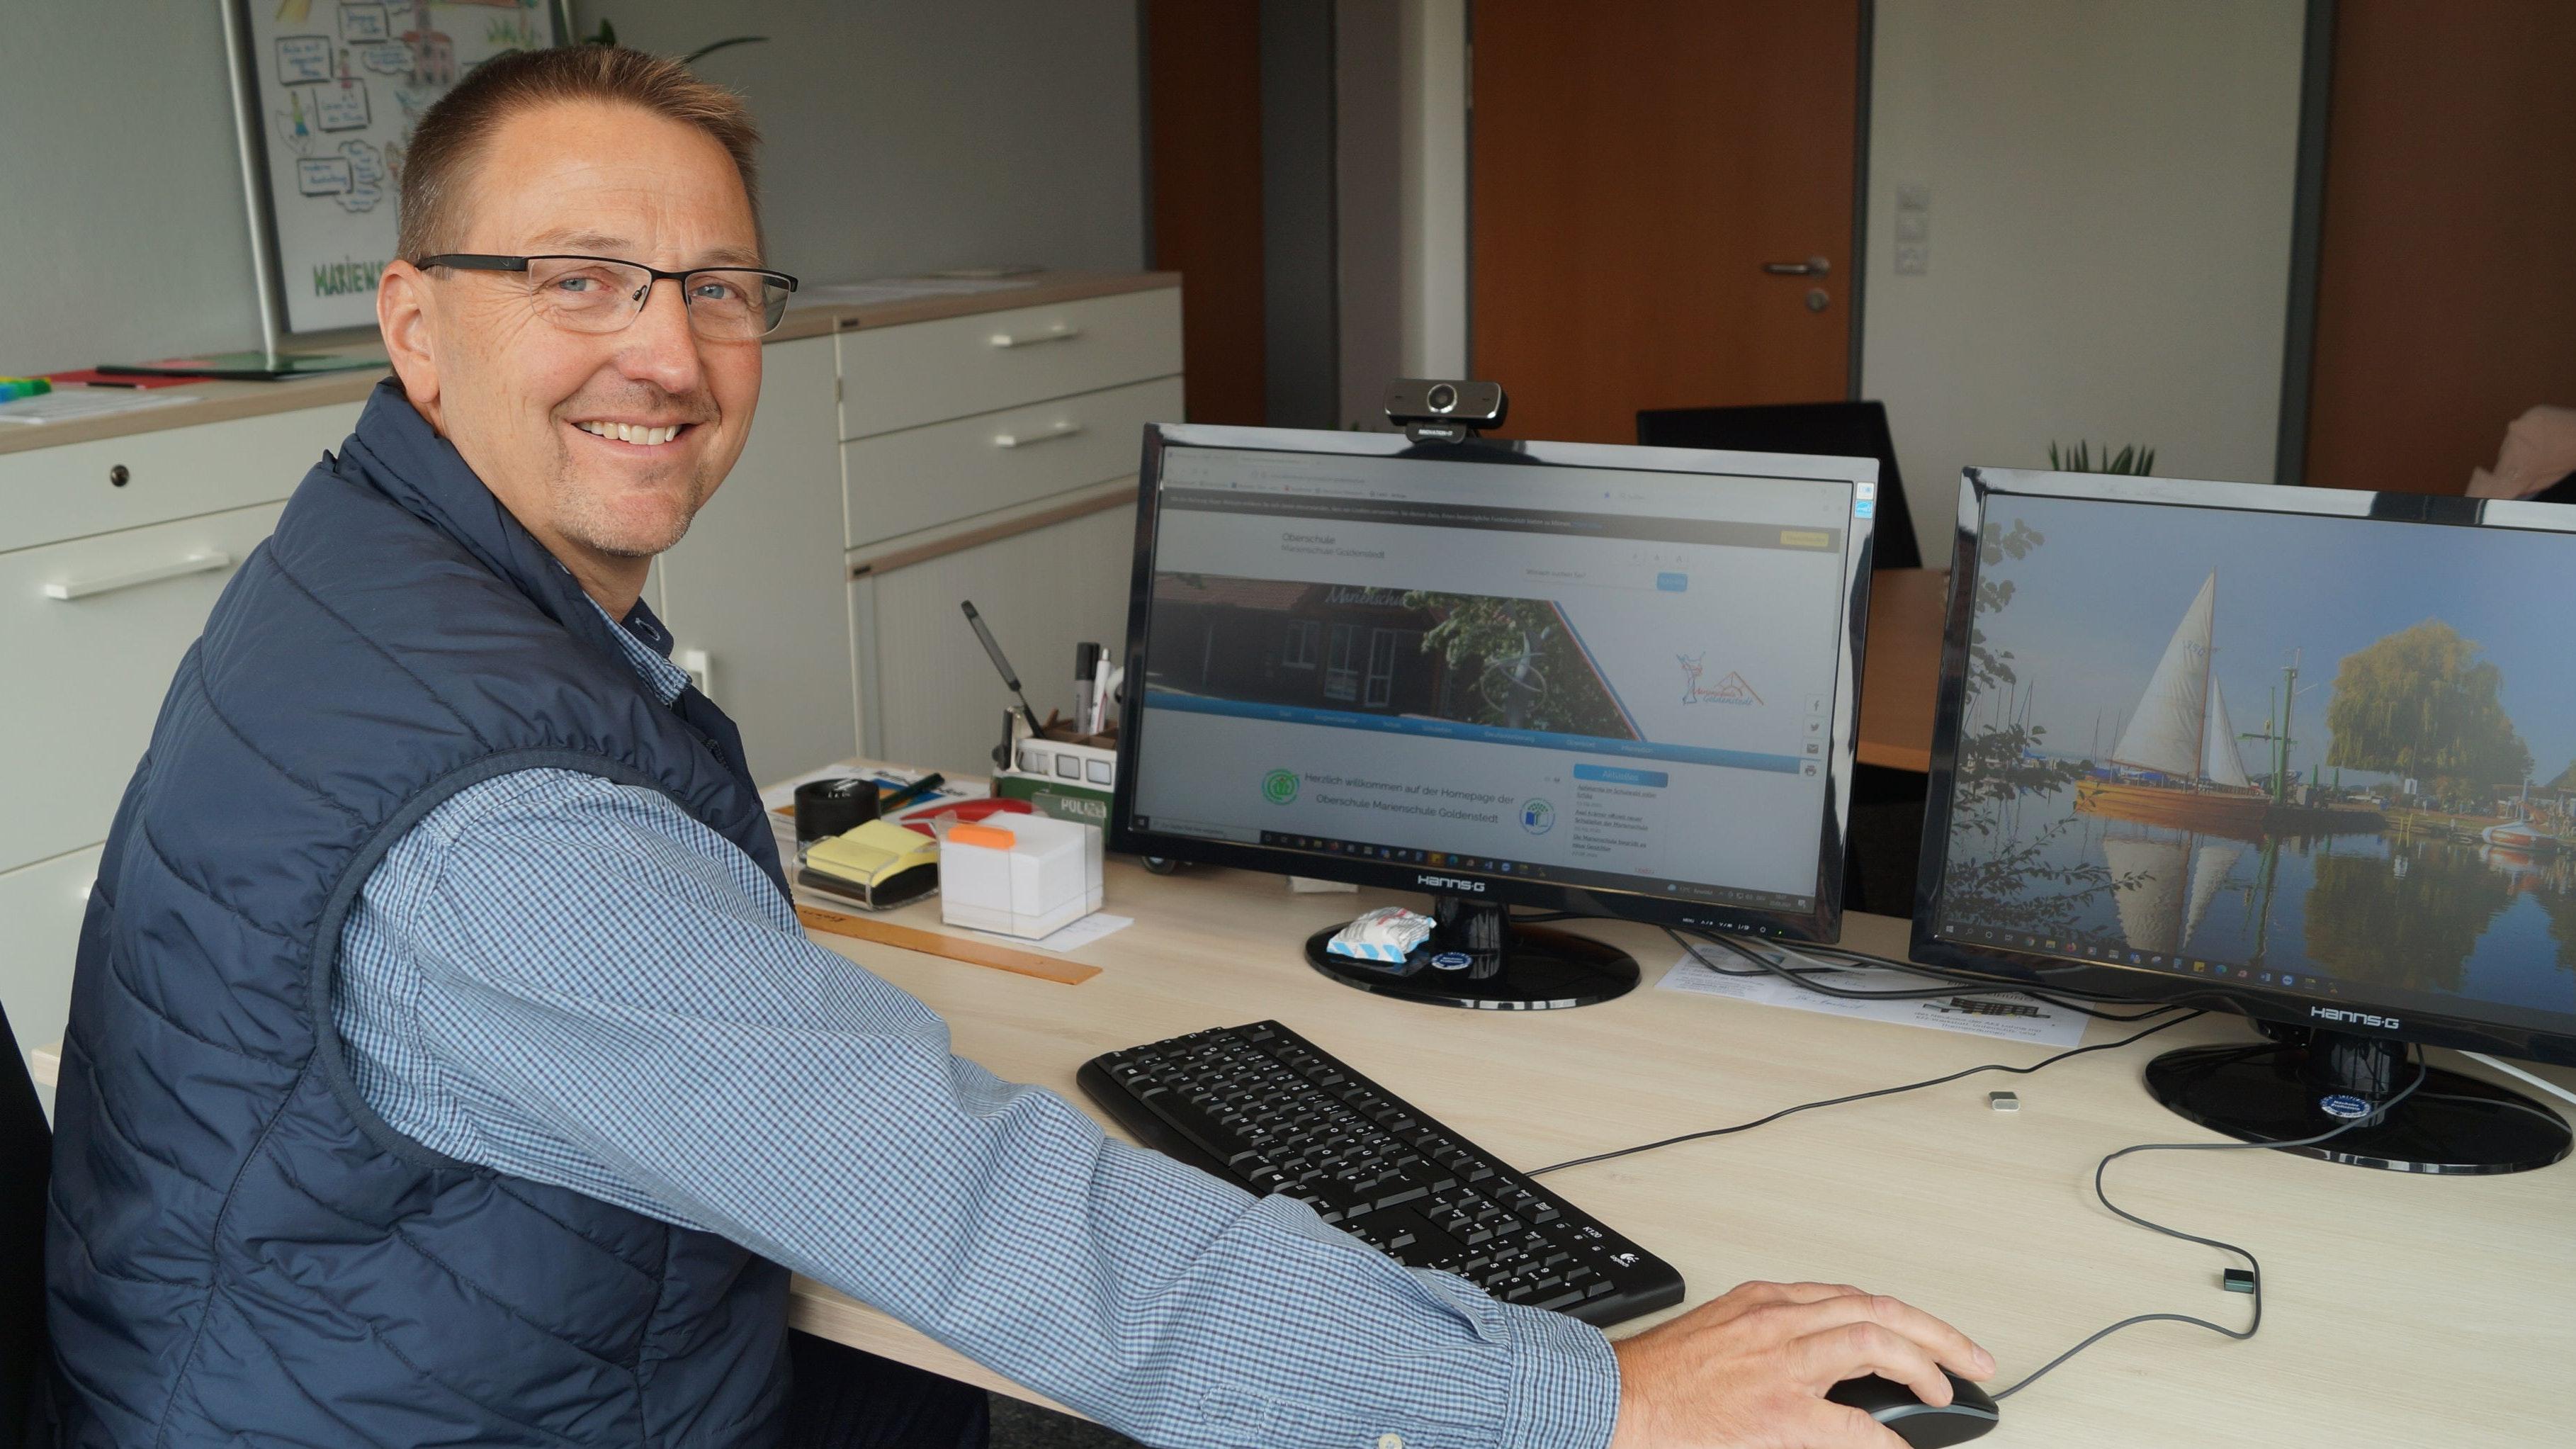 Im Büro: Axel Krämer sitzt als neuer Leiter der Goldenstedter Marienschule nun öfter am Rechner. Foto: C. Meyer